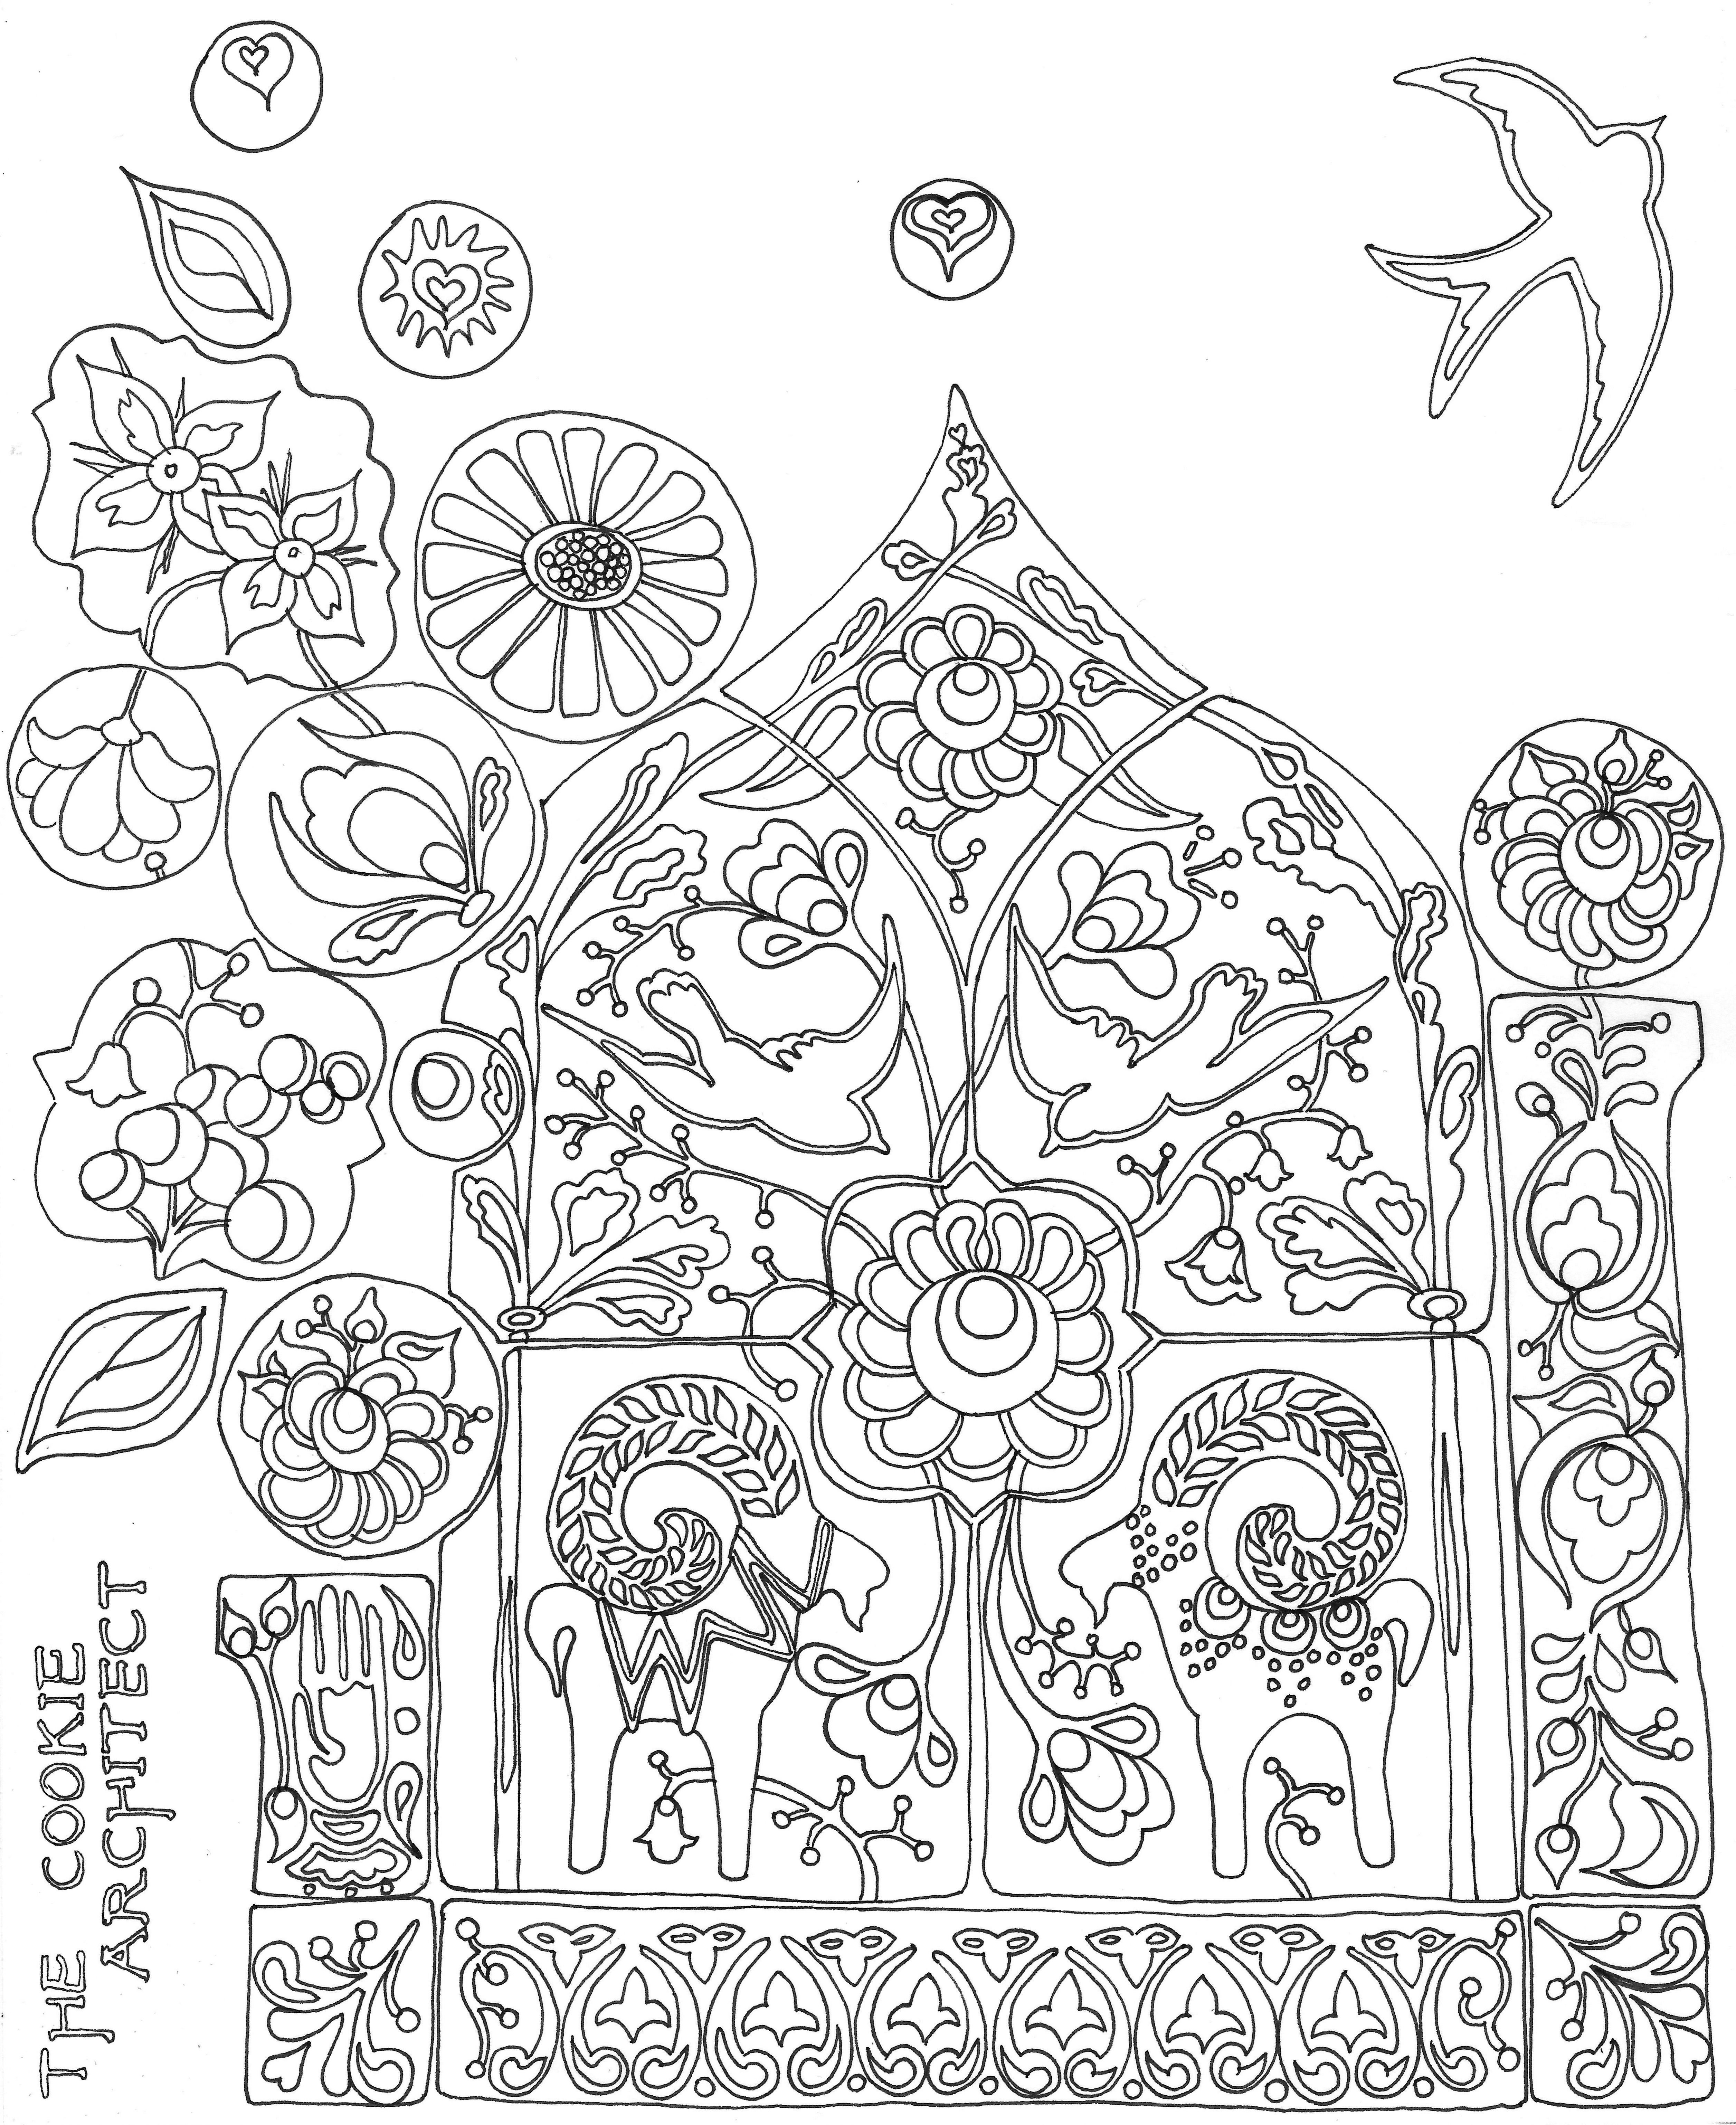 colour me calm pages - Pesquisa do Google | Dibuixos terapèutics per ...